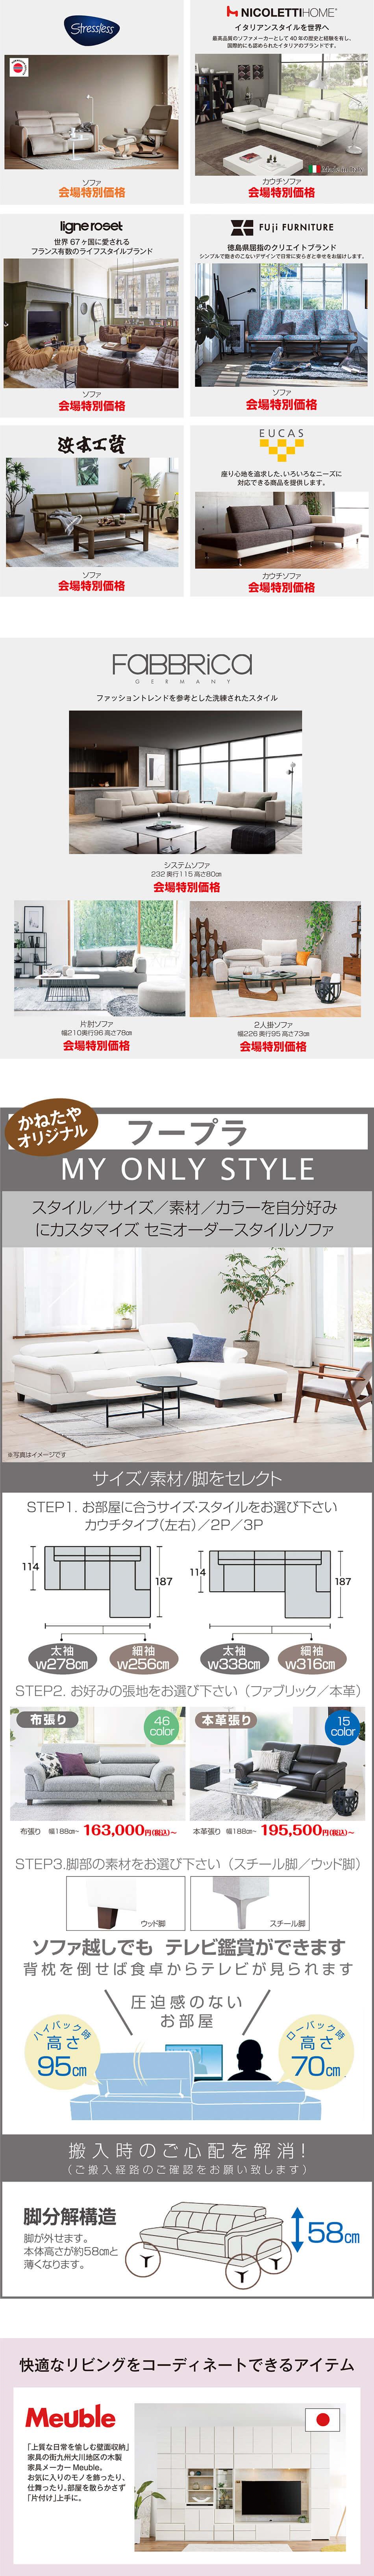 イベント広告02